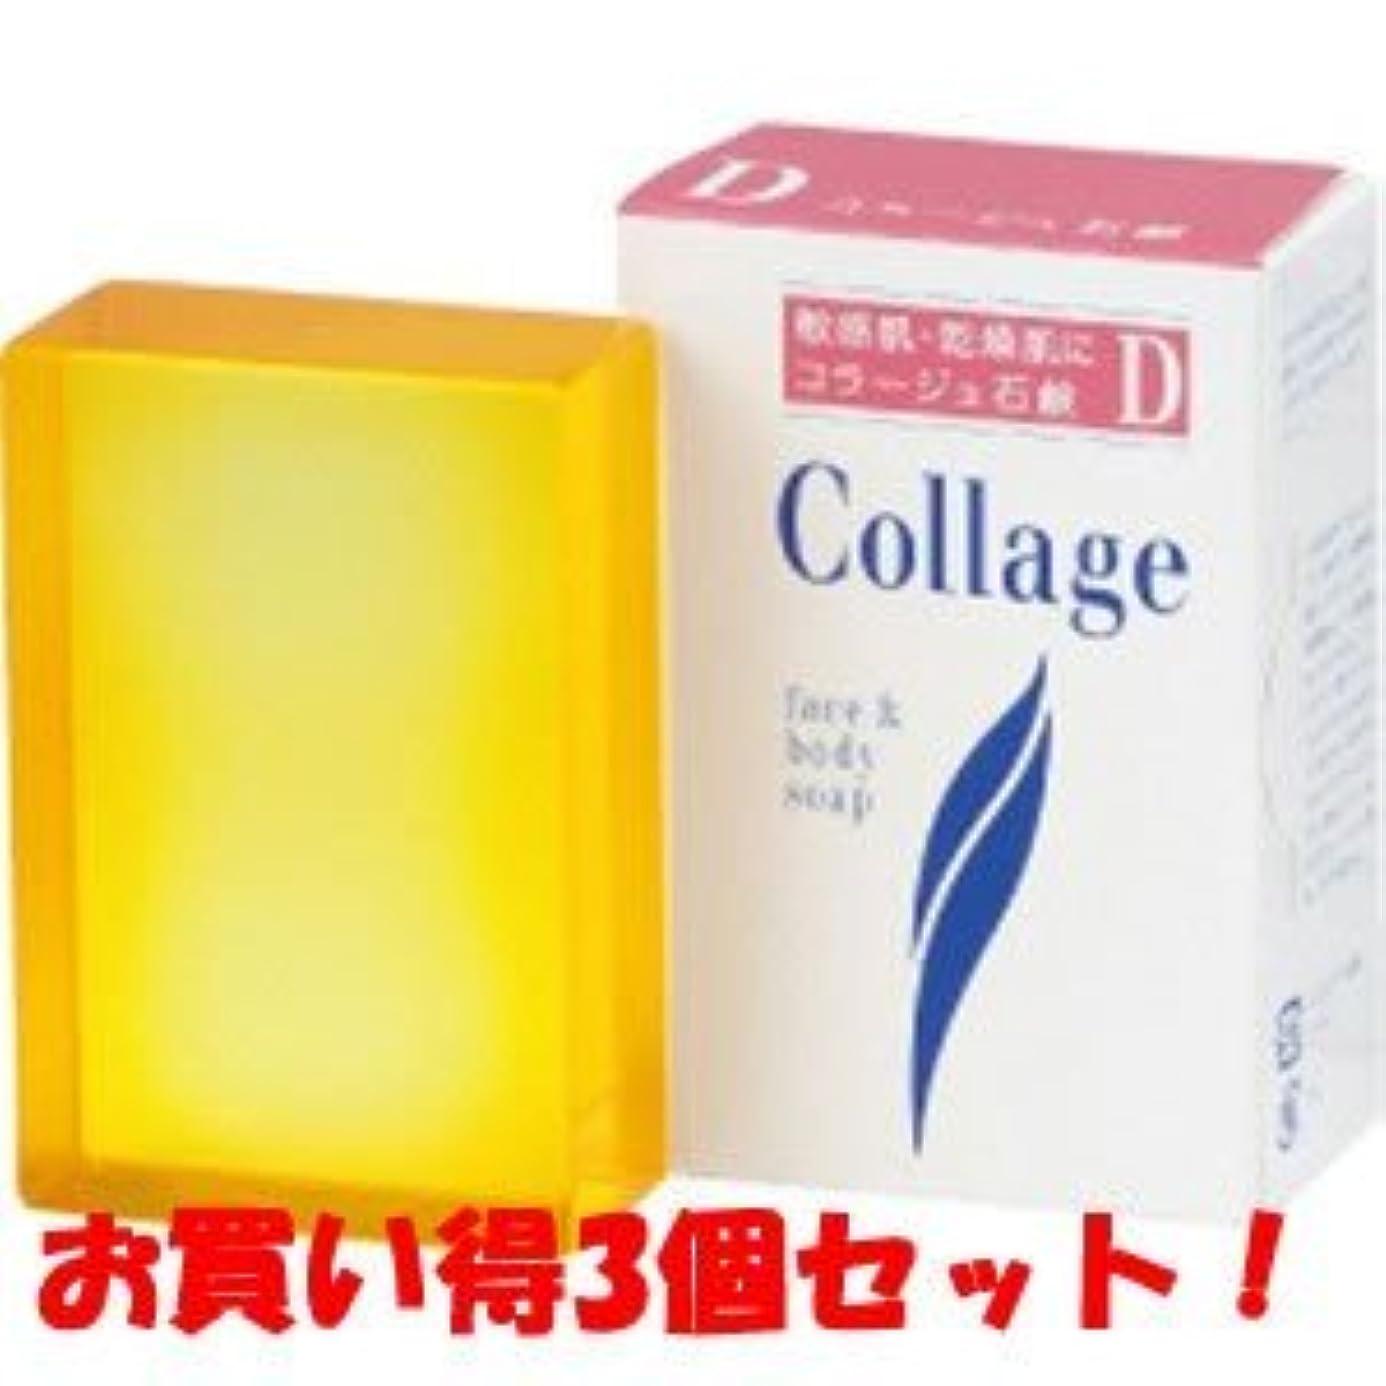 (持田ヘルスケア)コラージュD乾性肌用石鹸 100g(お買い得3個セット)